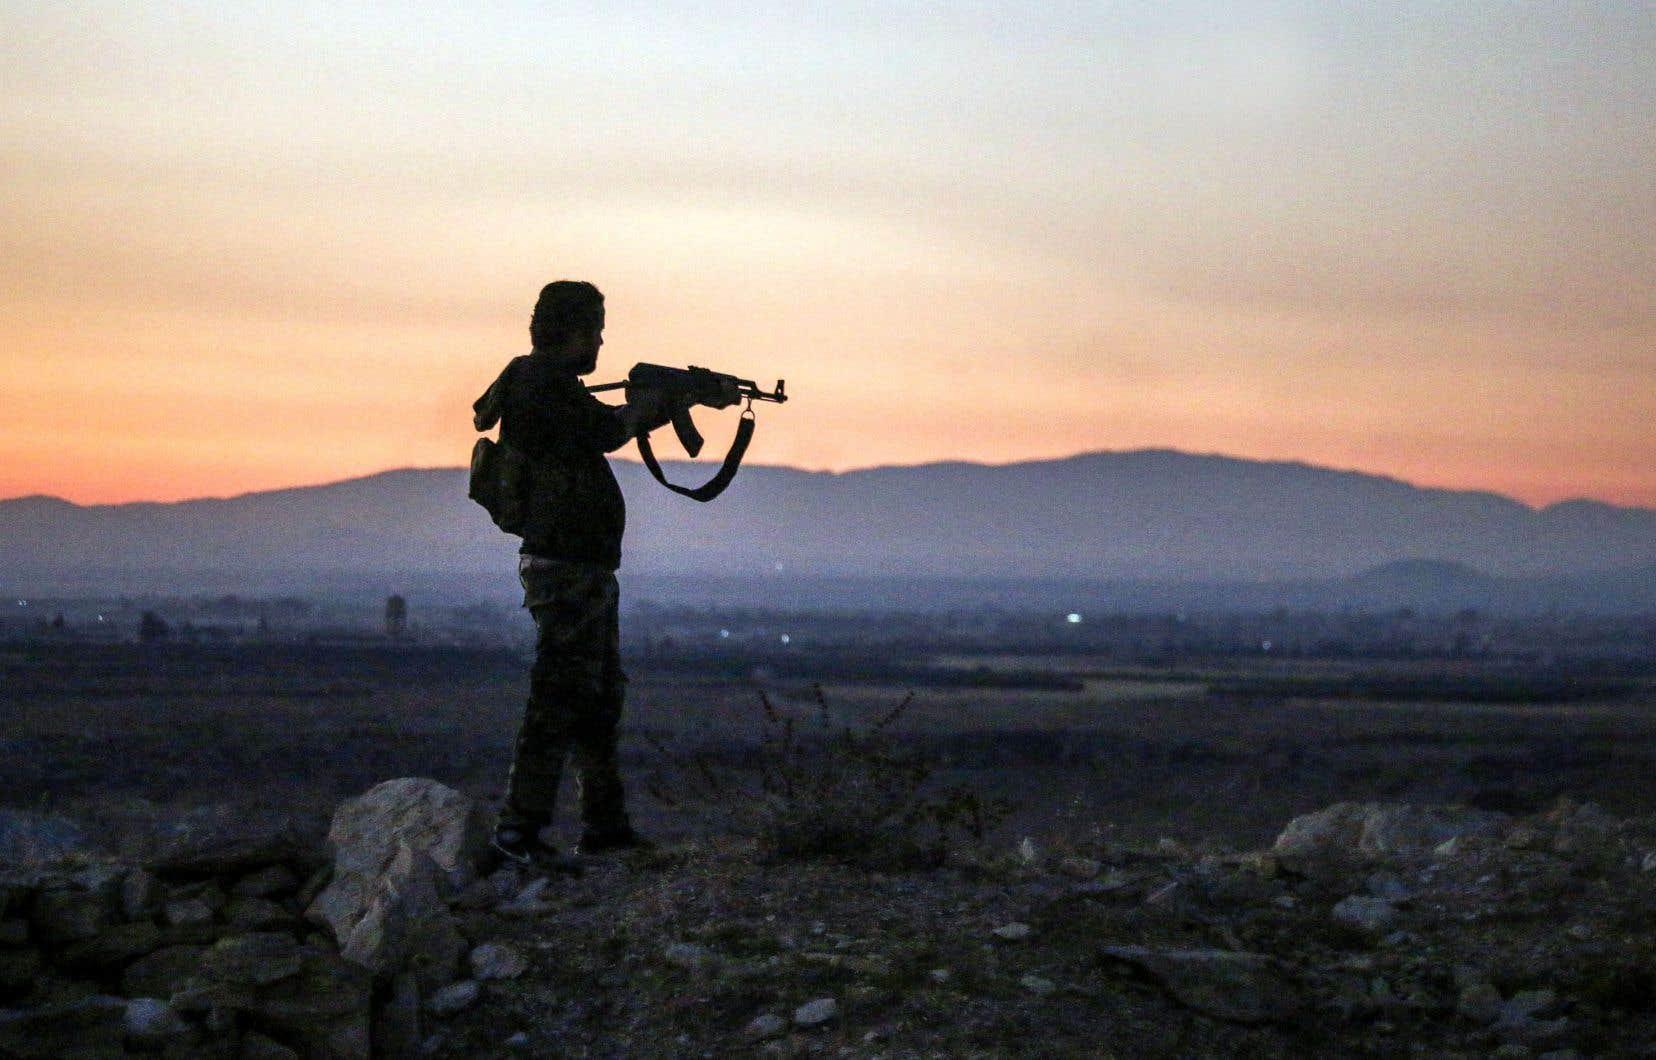 Un rebelle syrien pointe son arme vers la ligne de front près de Damas, en juillet 2018.